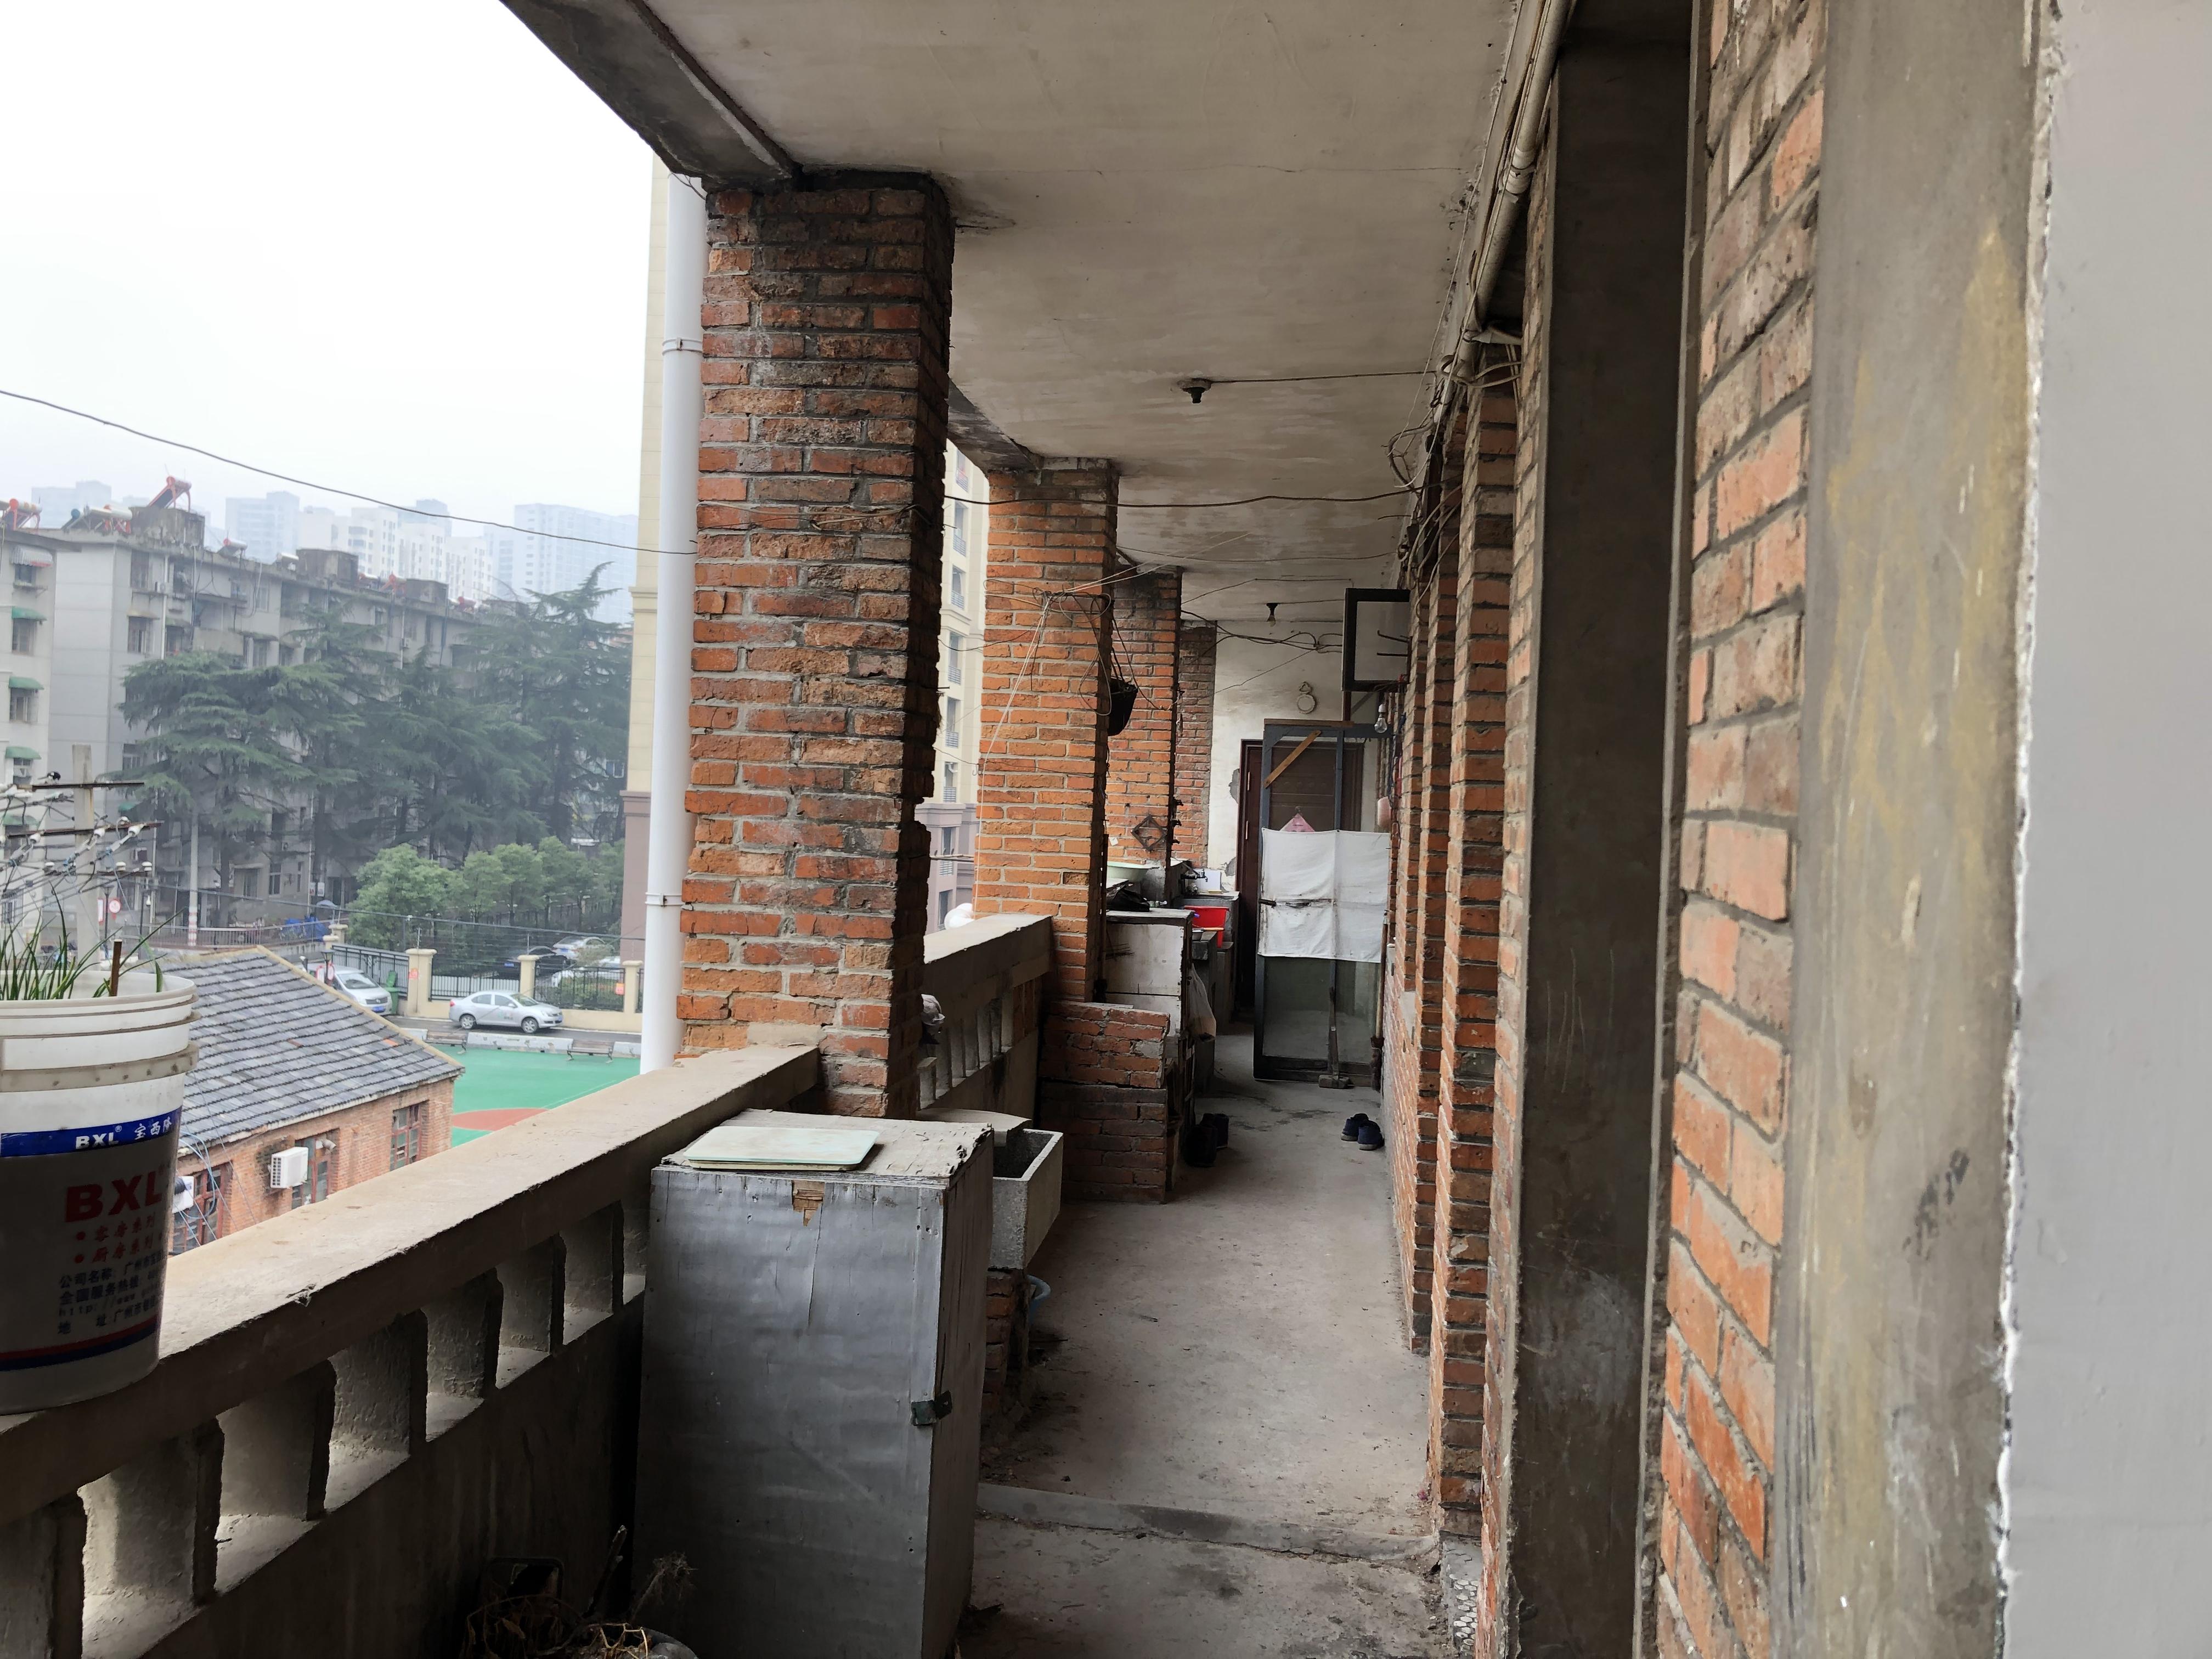 合肥市包河区的安装公司宿舍楼,死者殷建华的家。 澎湃新闻记者 卫佳铭 摄